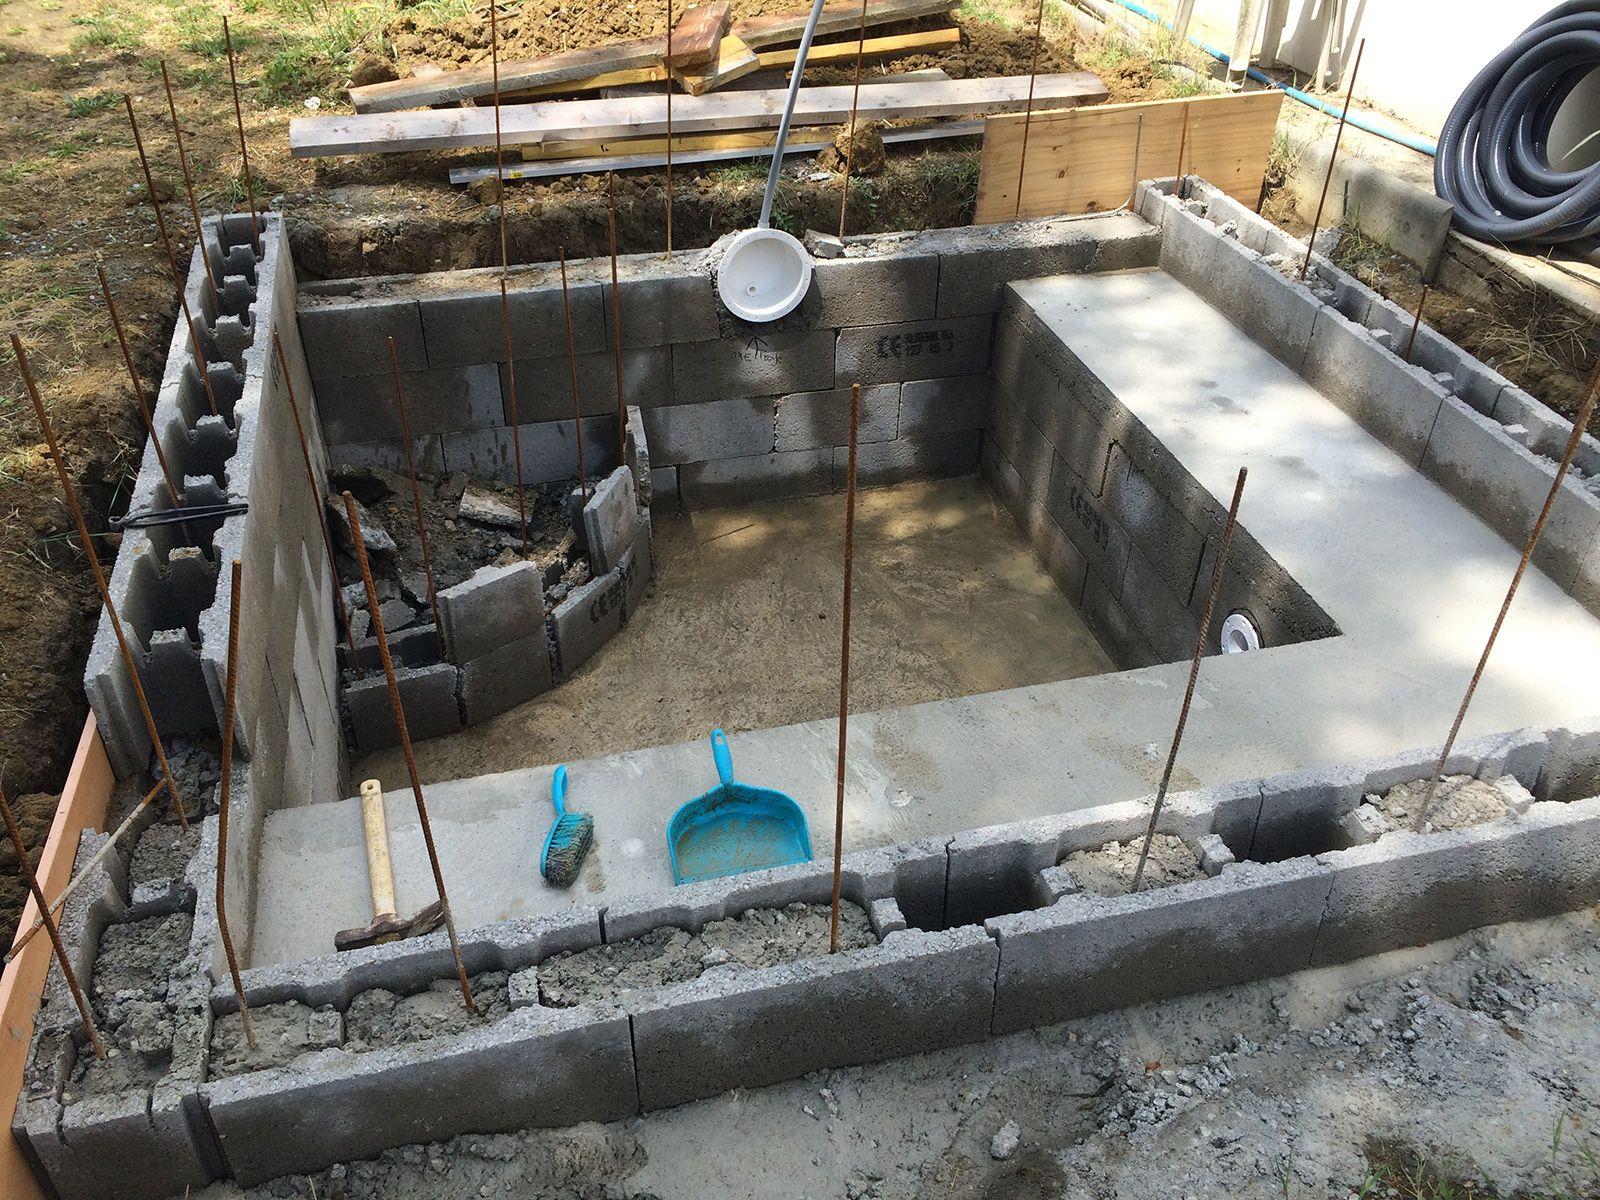 Exceptionnel Construction Piscine Béton   Décoffrage Banc. U2013 Construction Du0027une Petite  Piscine En Béton